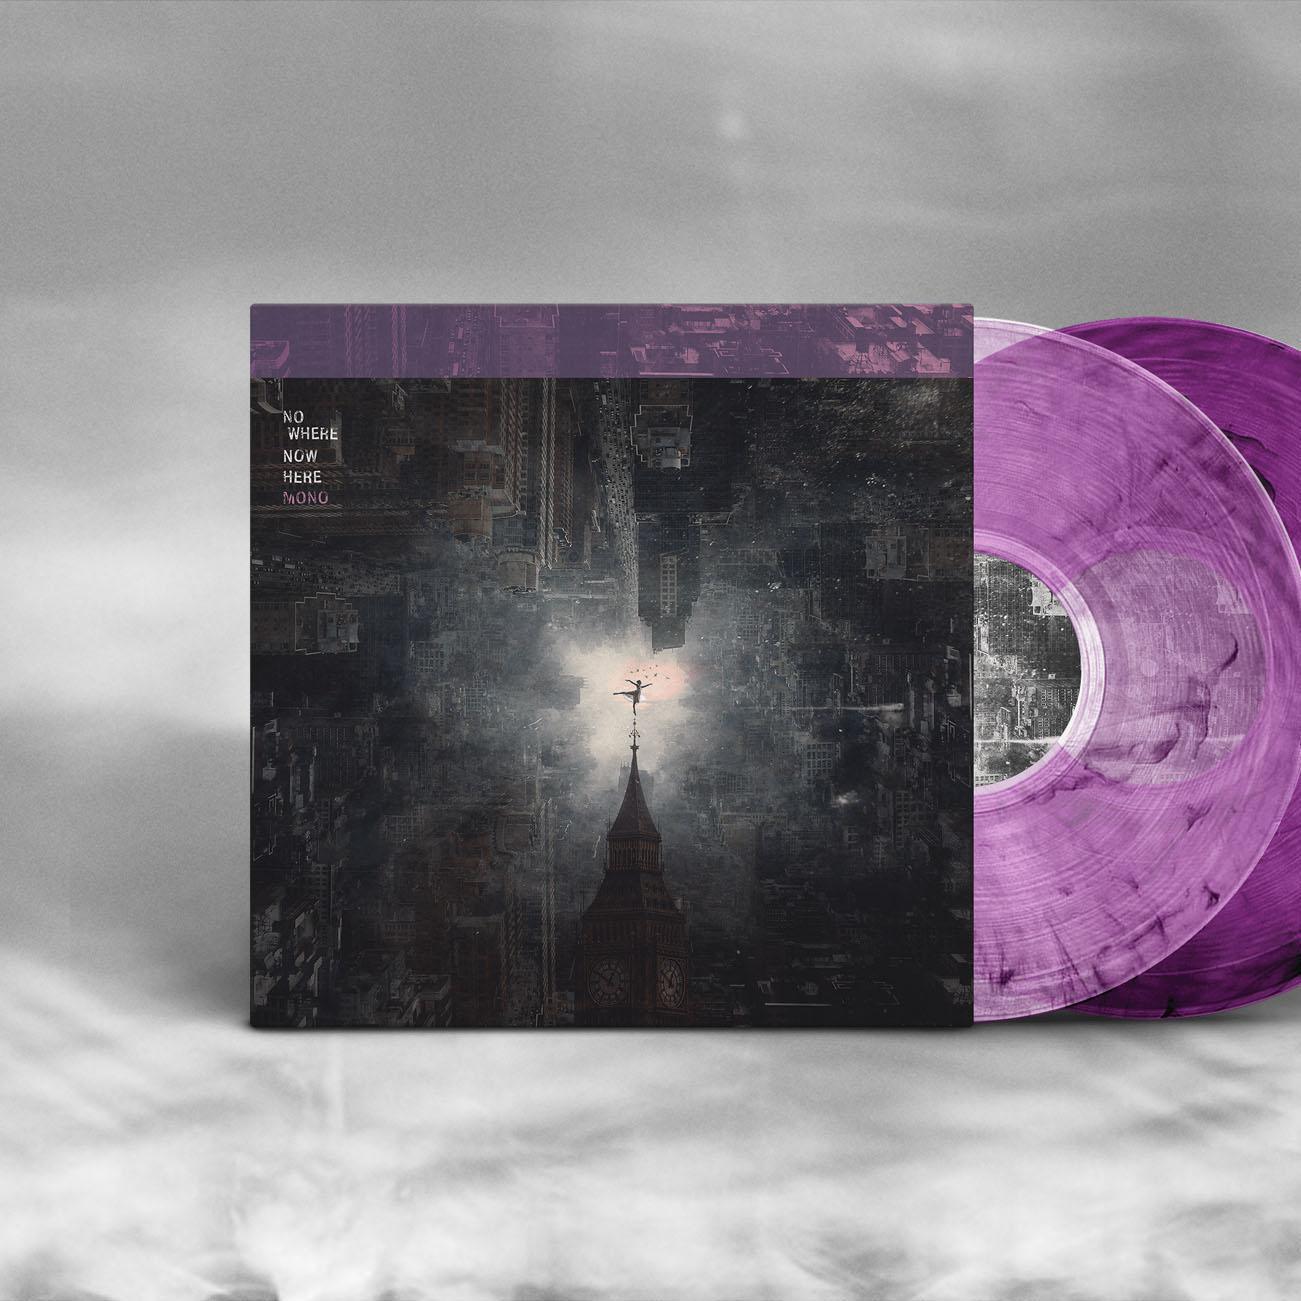 MONO - 'Nowhere Now Here' Purple Smoke Vinyl - MONO